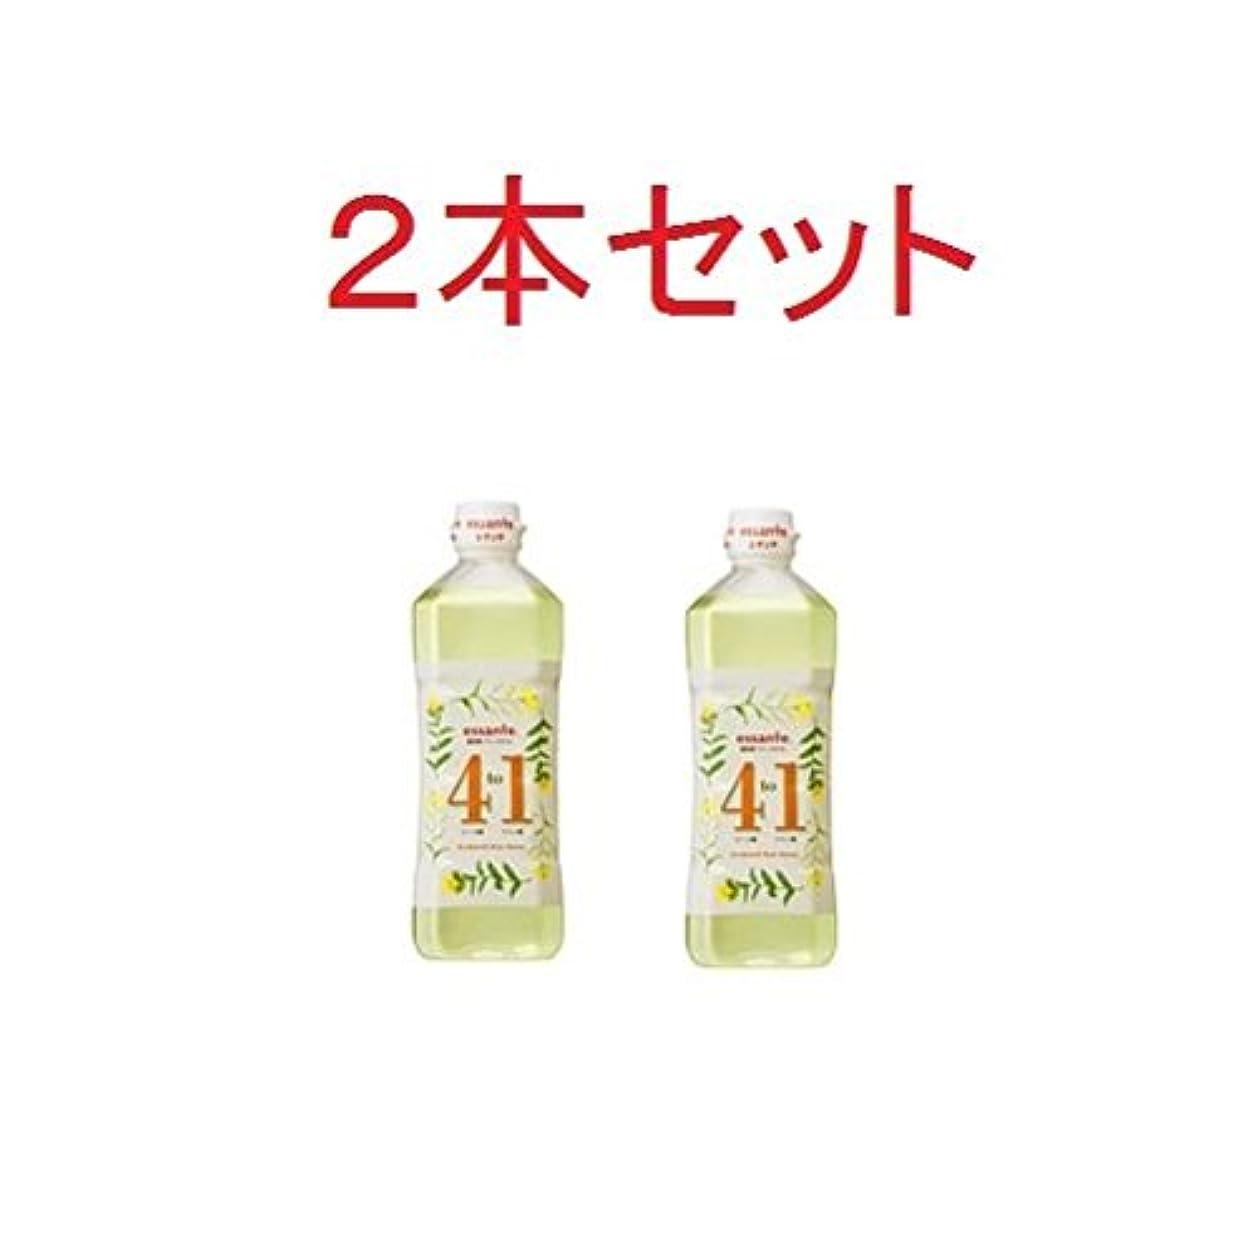 無一文礼拝関税2本セット アムウェイ エサンテ 4 to 1 脂肪酸バランスオイル